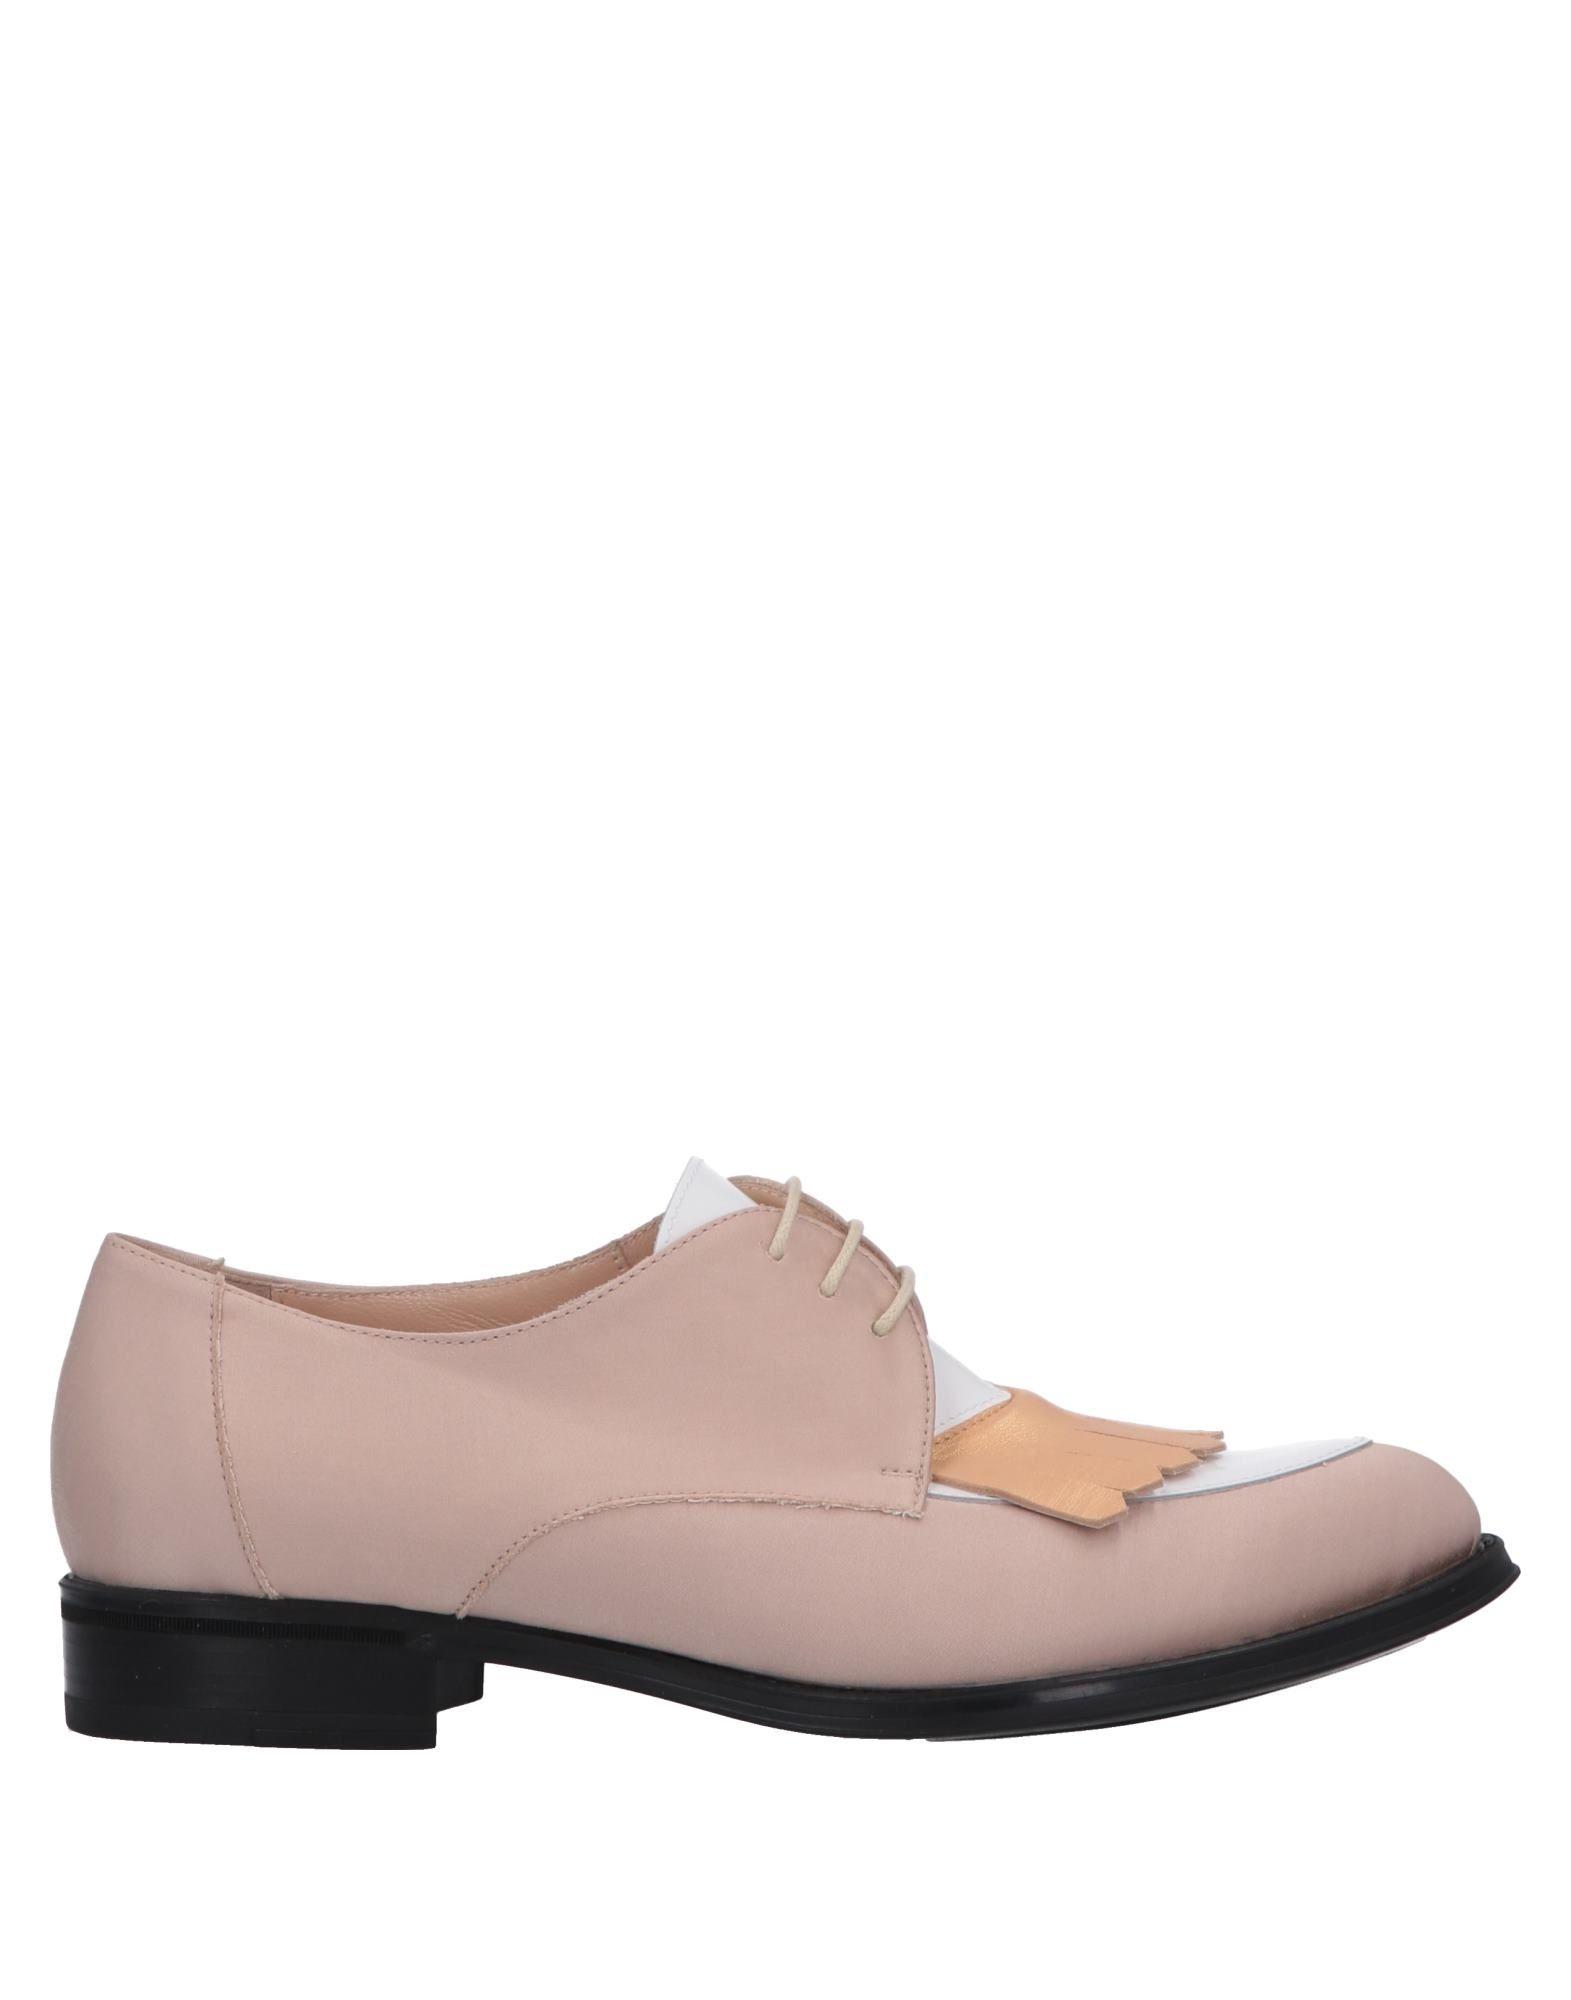 Azul oscuro Zapato Zapato Zapato De Cordones F.Lli Bruglia Mujer - Zapatos De Cordones F.Lli Bruglia Gran descuento 9e8599